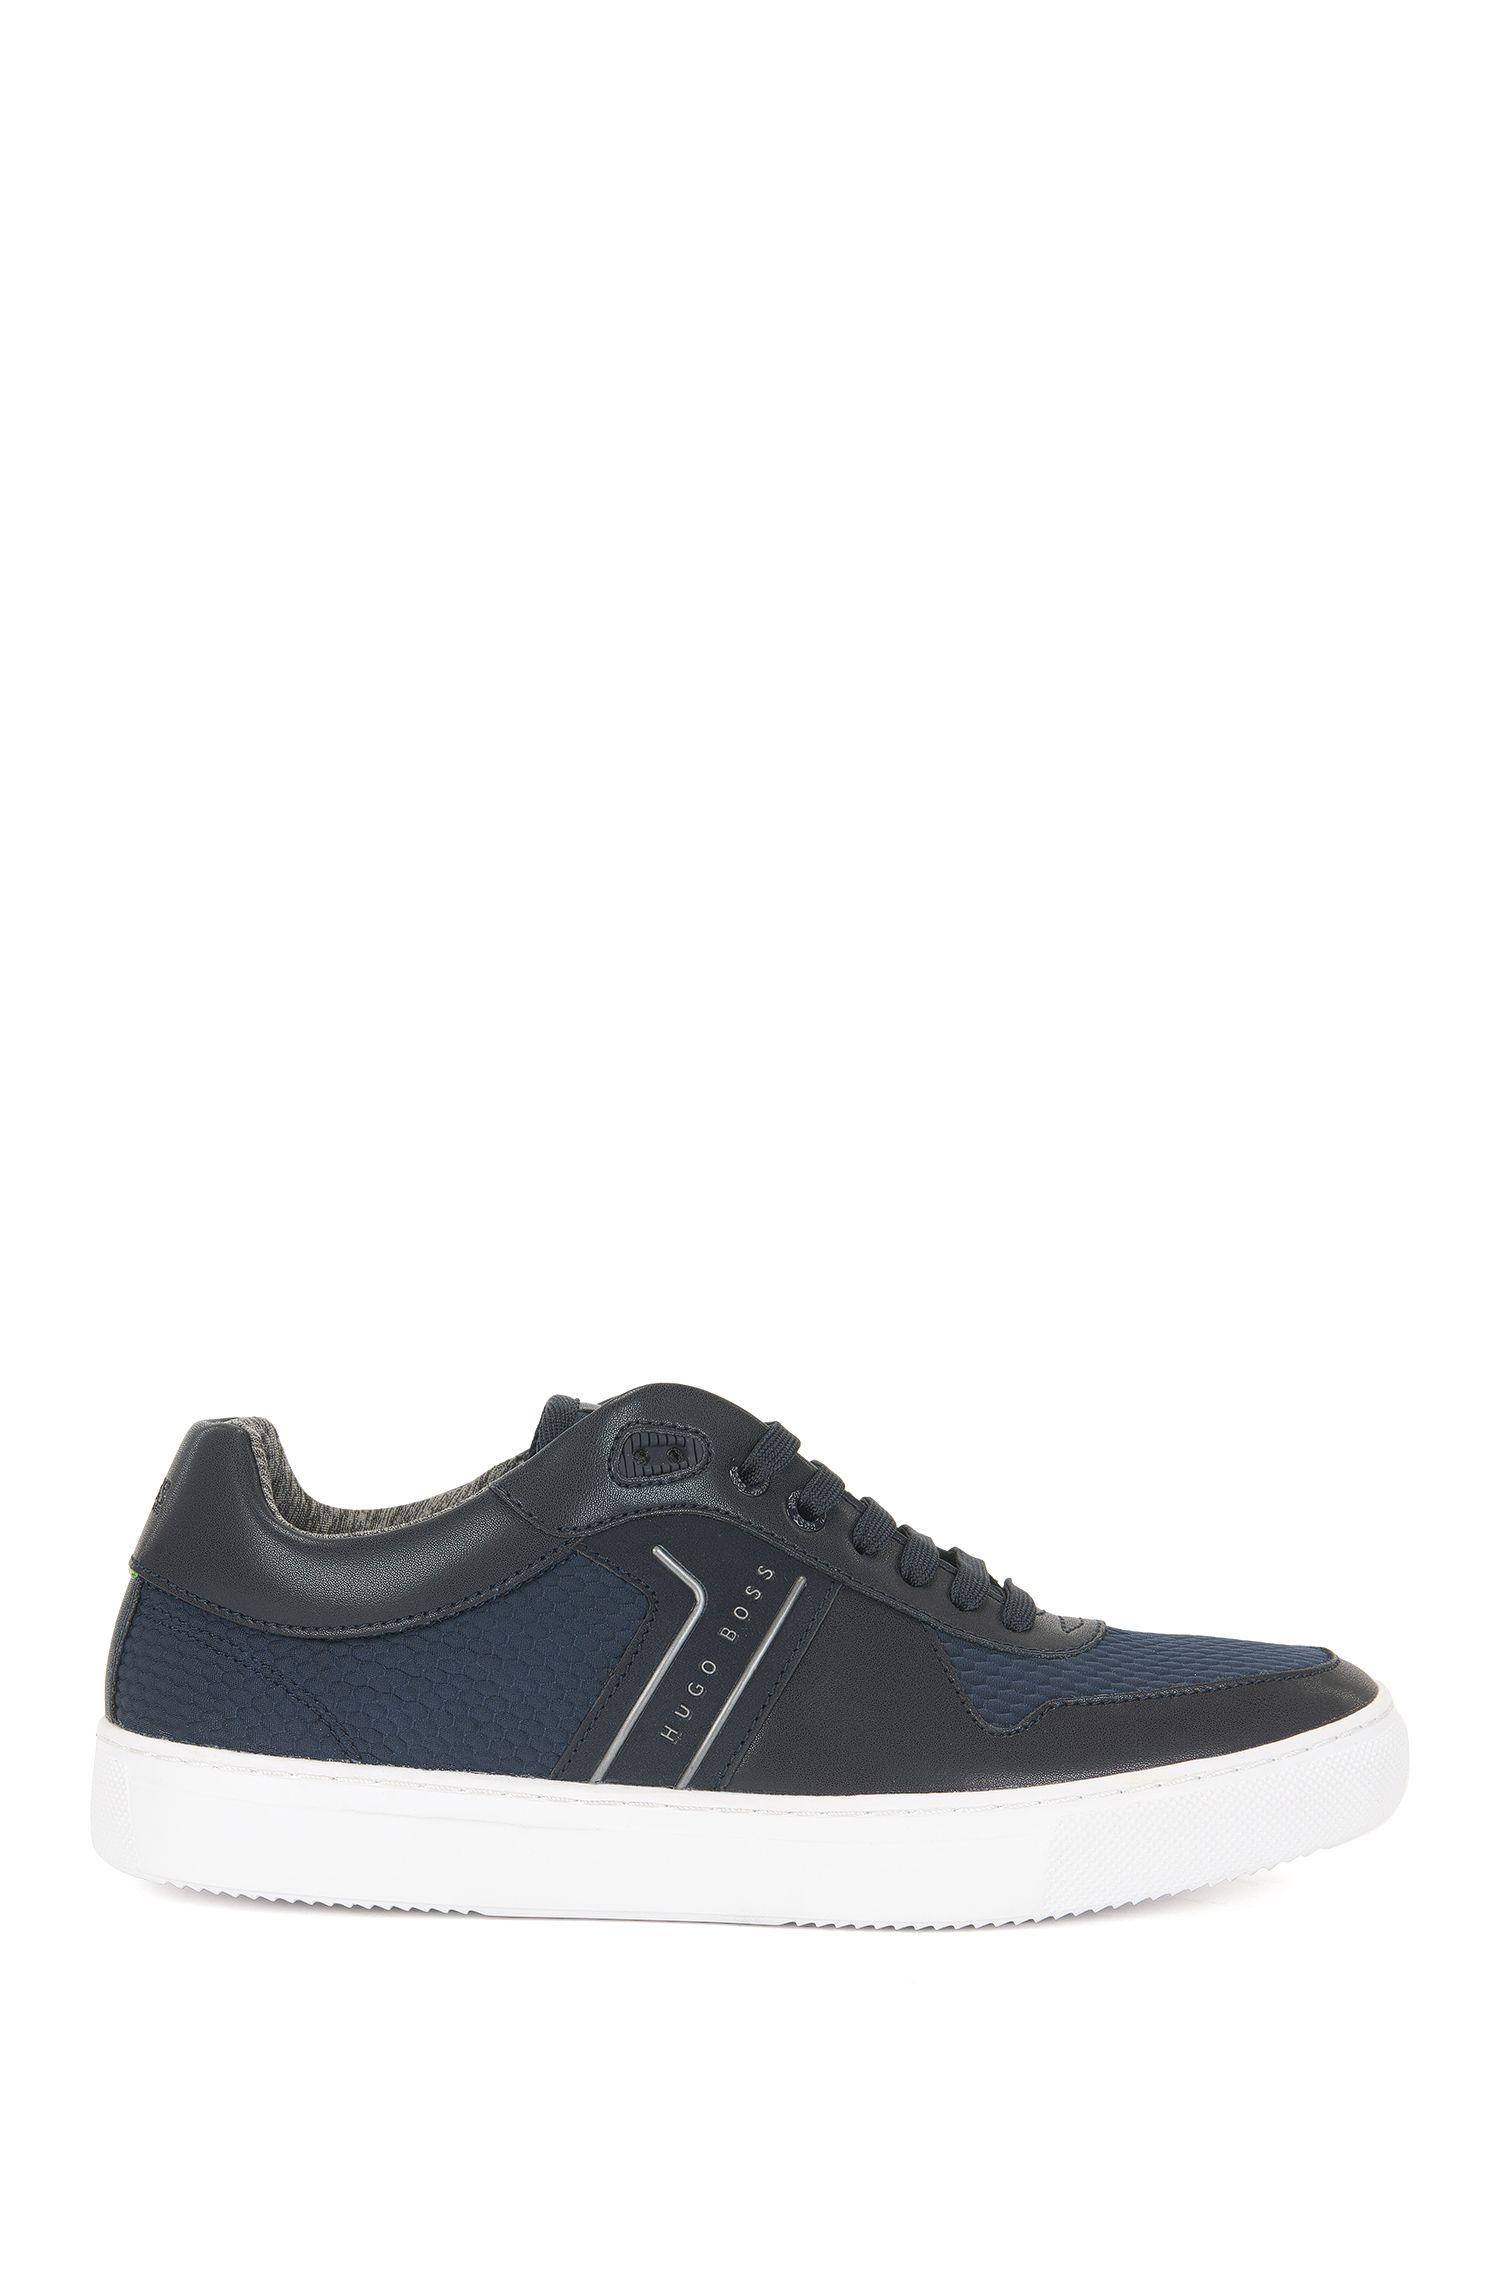 Sneakers modello tennis con struttura Strobel